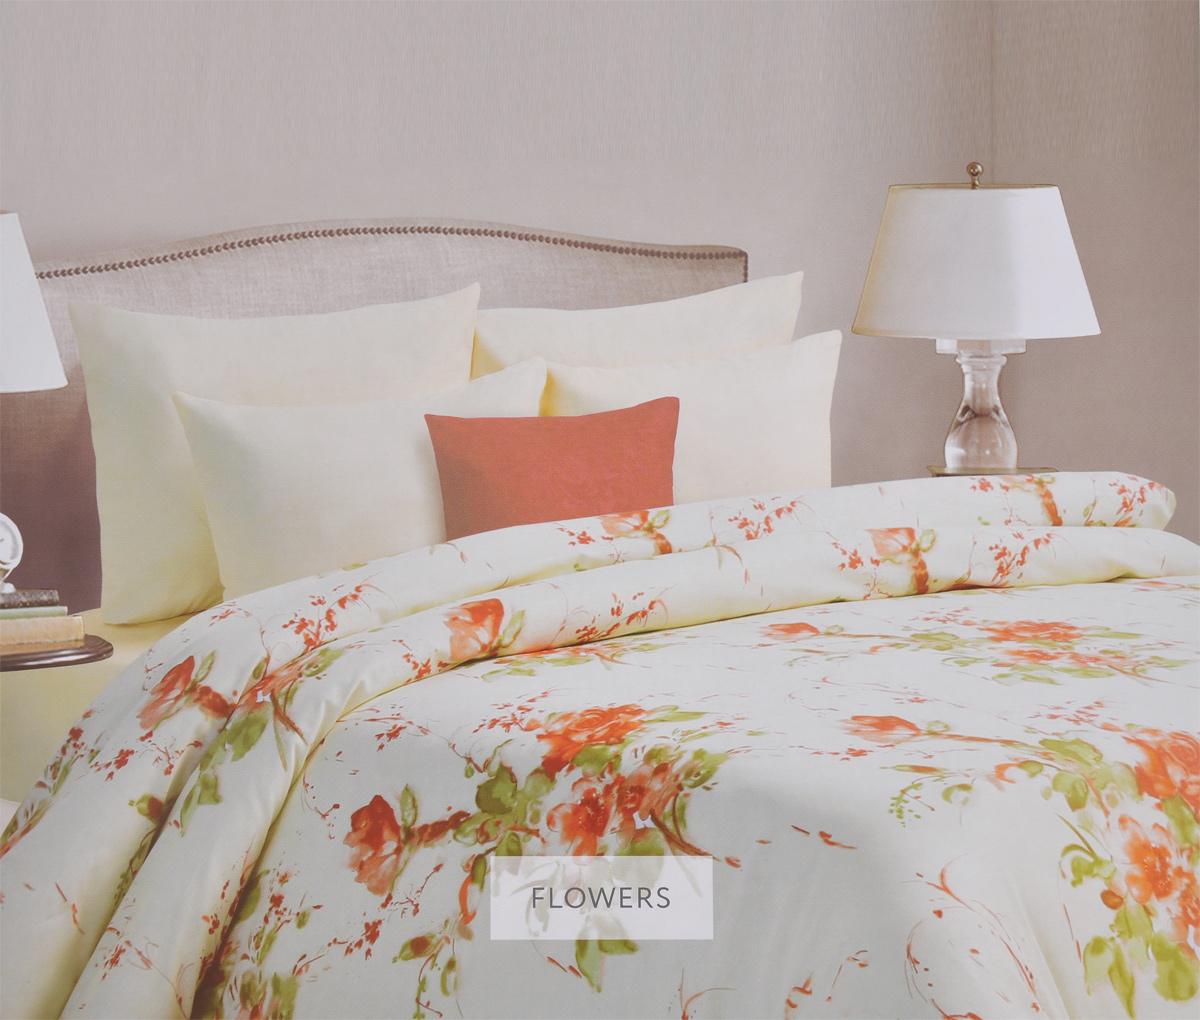 Комплект белья Mona Liza Flowers, семейный, наволочки 50х70, цвет: бежевый, светло-зеленый. 562407/6CLP446Комплект белья Mona Liza Flowers, выполненный из батиста (100% хлопок), состоит из двух пододеяльников, простыни и двух наволочек. Изделия оформлены красивым цветочным рисунком. Батист - тонкая, легкая, полупрозрачная натуральная ткань полотняного переплетения. Батист, несомненно, является одной из самых аристократичных и совершенных тканей. Он отличается нежностью, трепетной утонченностью и изысканностью. Ткань с незначительной сминаемостью, хорошо сохраняющая цвет при стирке, легкая, с прекрасными гигиеническими показателями. В комплект входит: Пододеяльник - 2 шт. Размер: 145 см х 210 см. Простыня - 1 шт. Размер: 215 см х 240 см. Наволочка - 2 шт. Размер: 50 см х 70 см. Рекомендации по уходу: - Ручная и машинная стирка 40°С, - Гладить при температуре не более 150°С, - Не использовать хлорсодержащие средства, - Щадящая сушка, - Не подвергать химчистке.